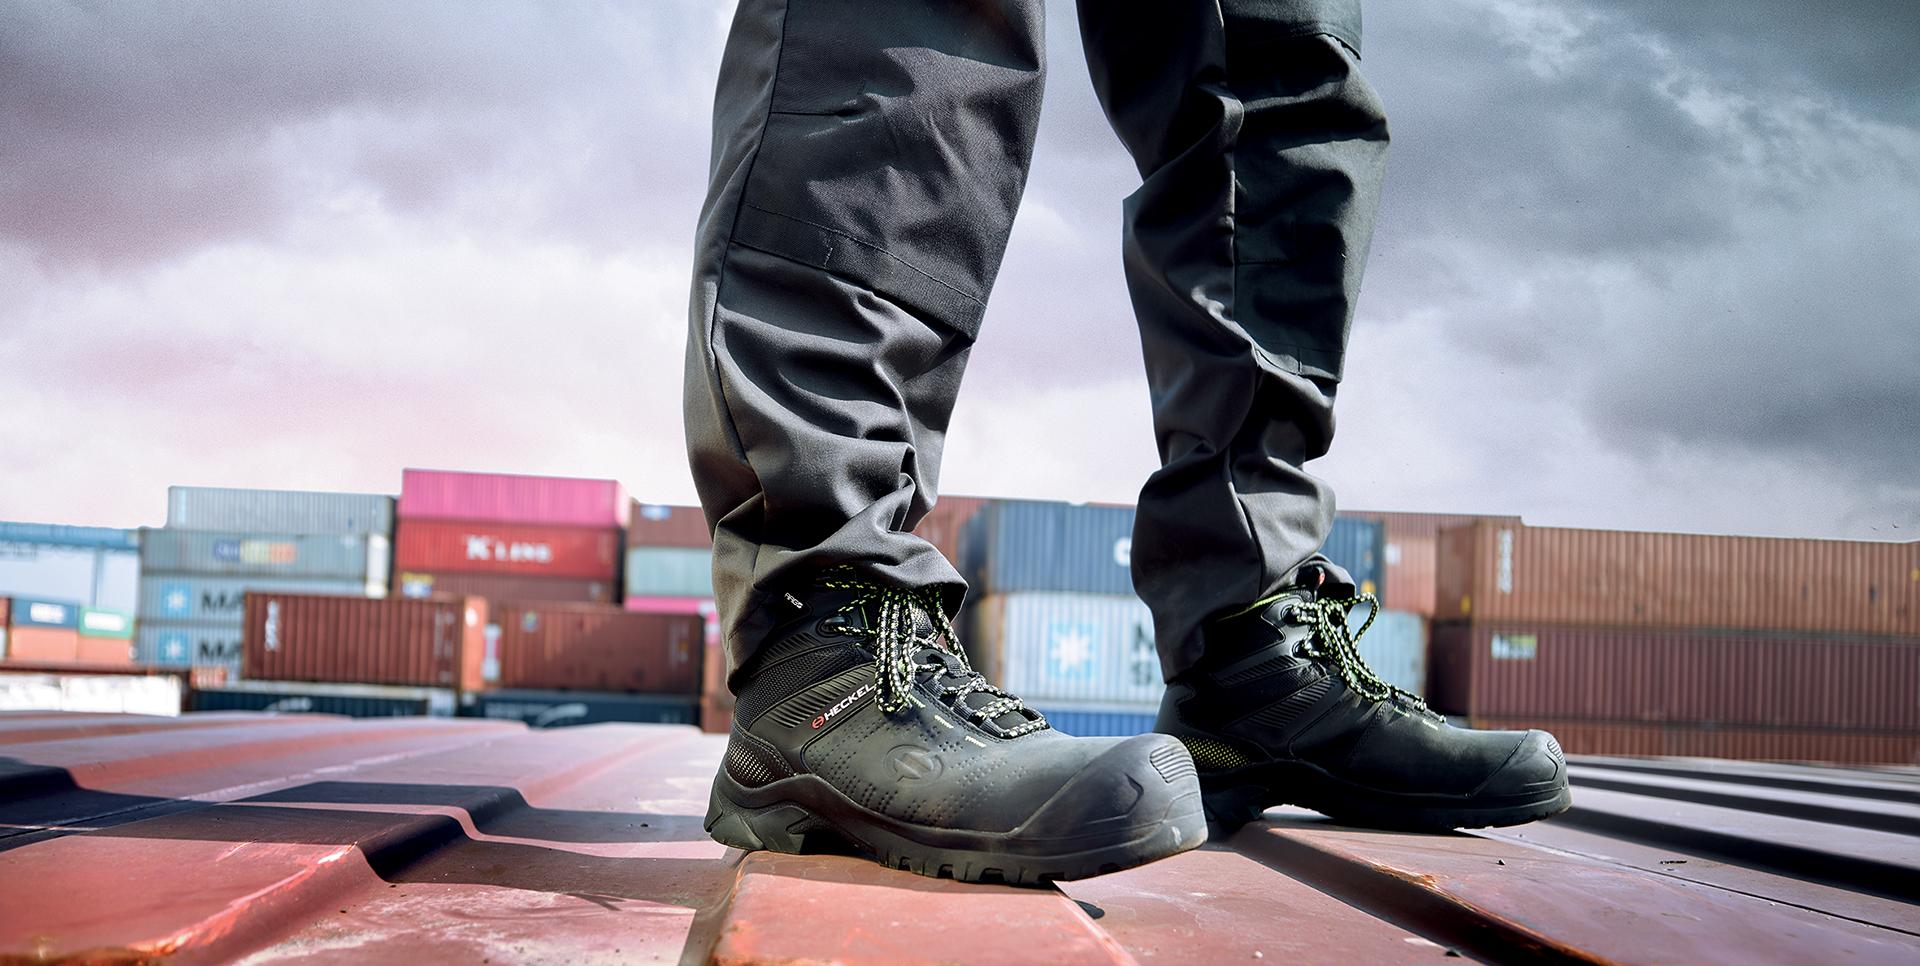 Chaussures de sécurité tout terrain Heckel Macsole Adventure